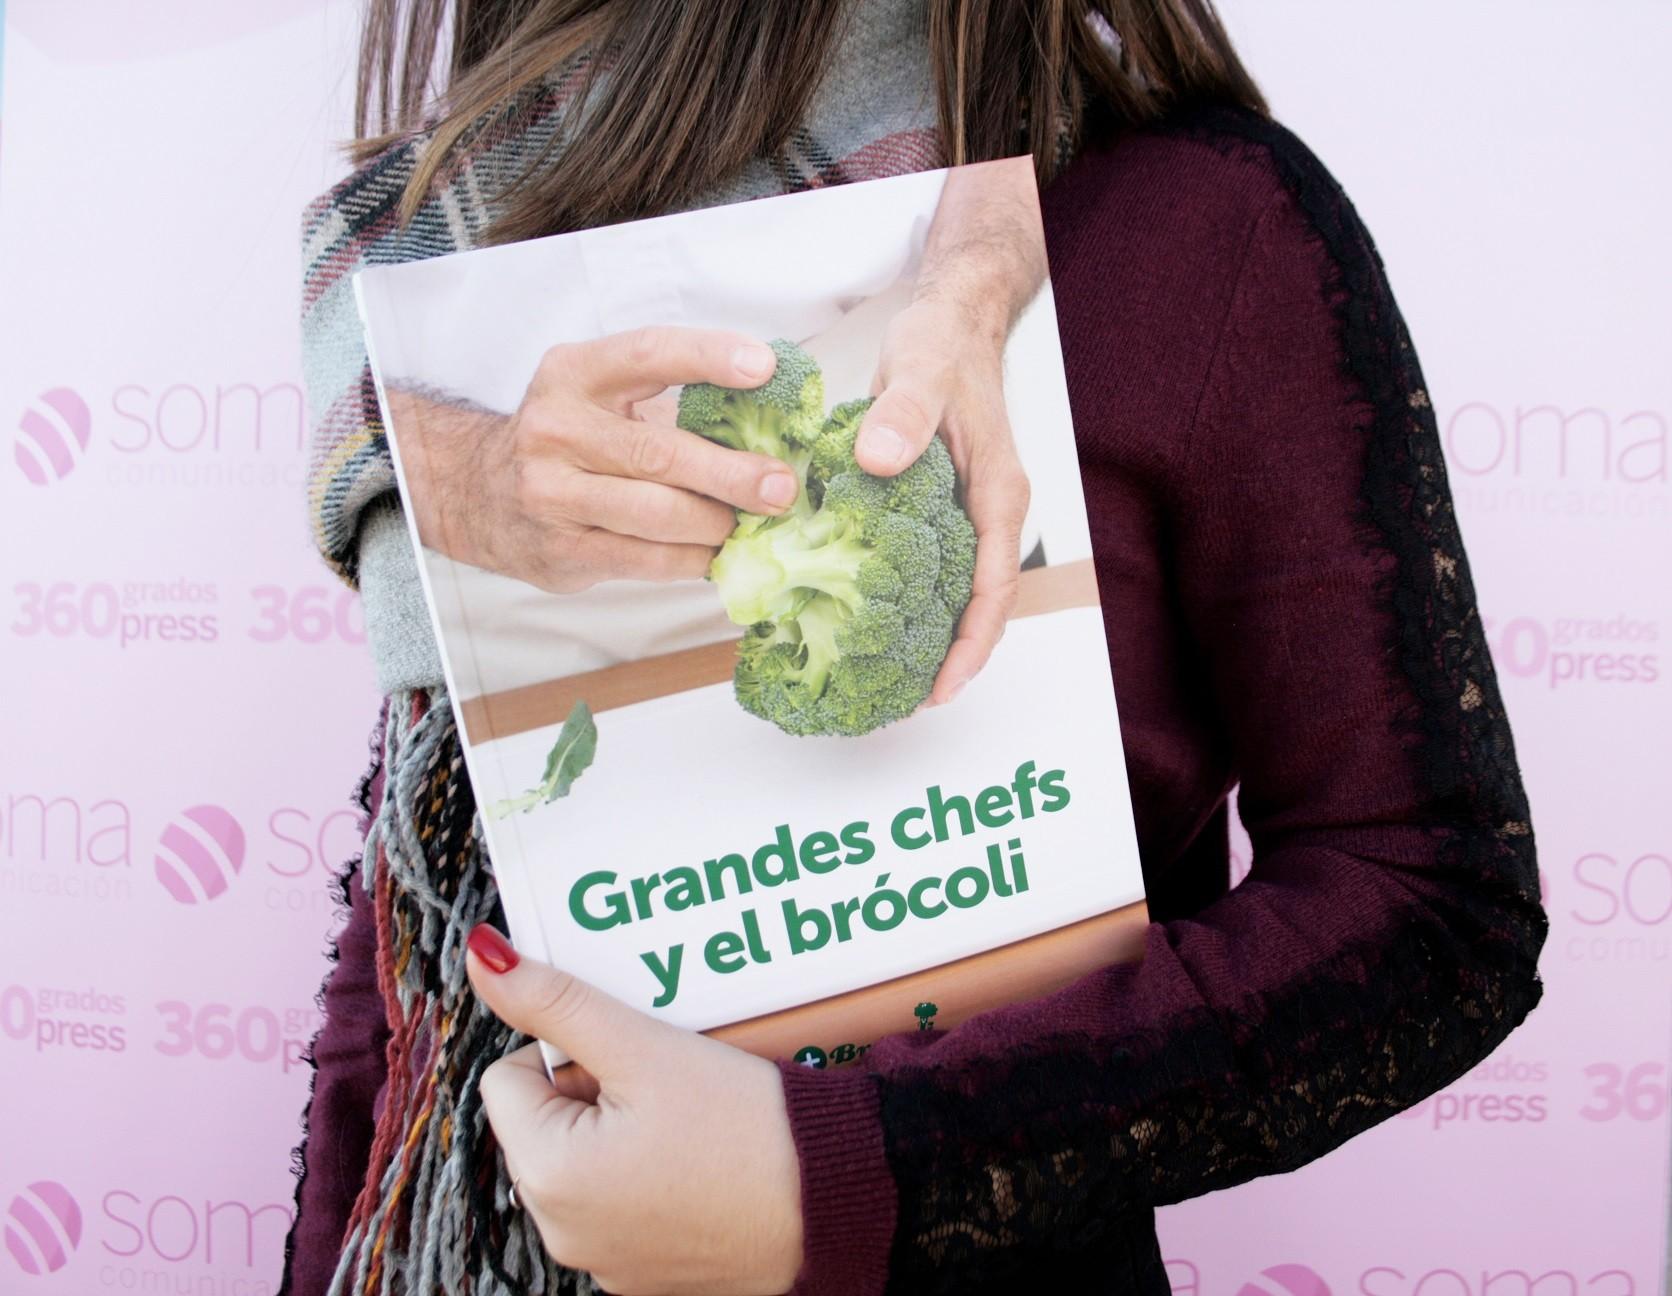 grandes-chefs-y-el-brocoli